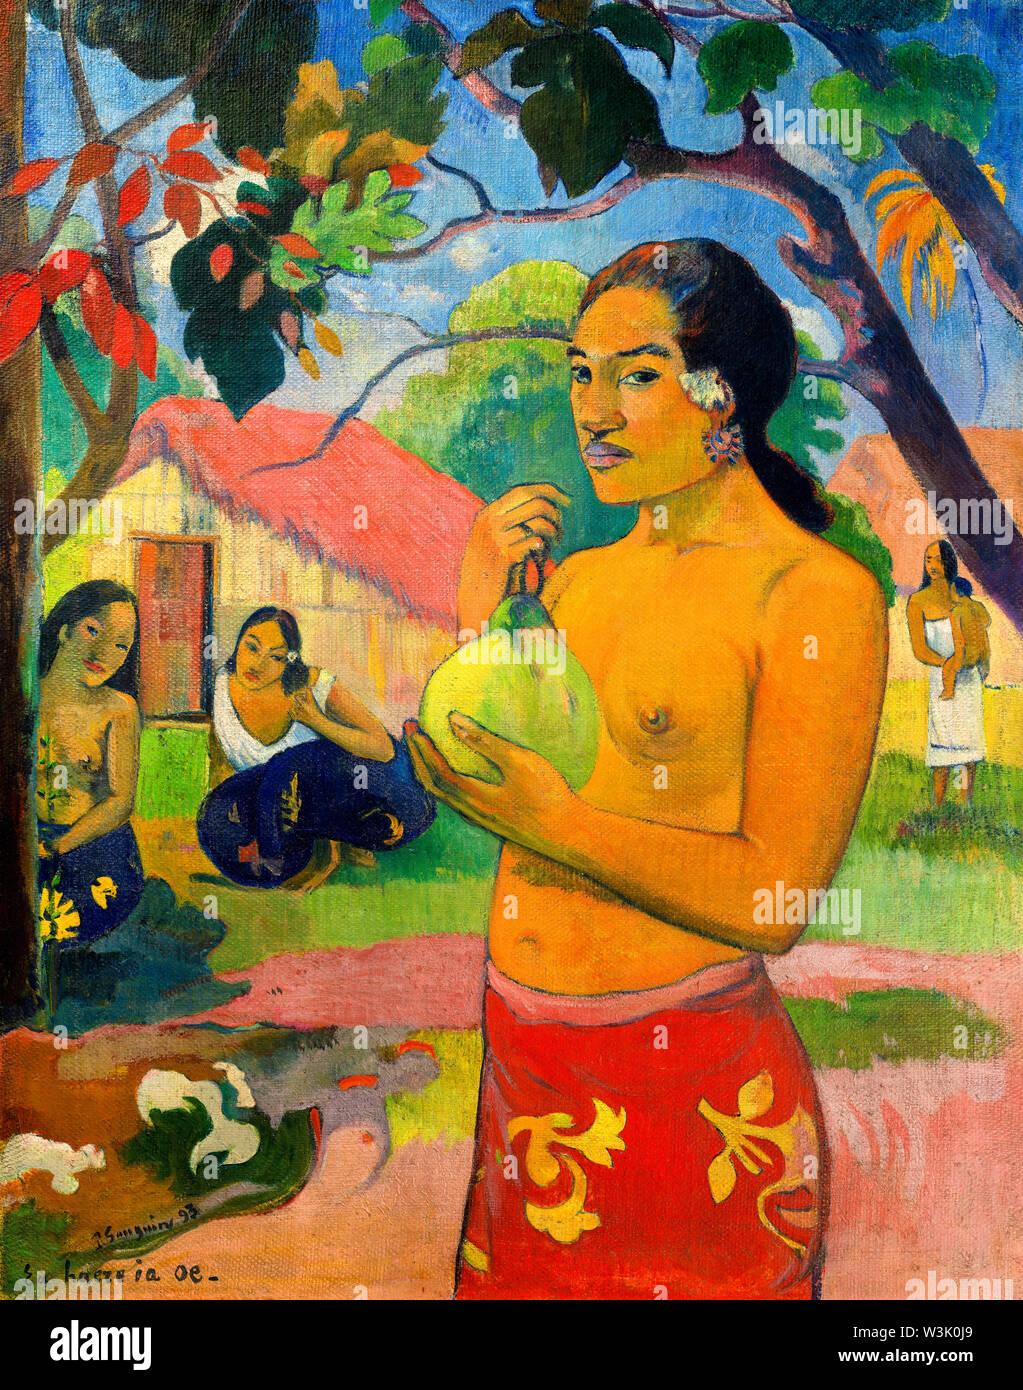 Paul Gauguin, Donna tenendo un frutto, pittura, 1893 Immagini Stock